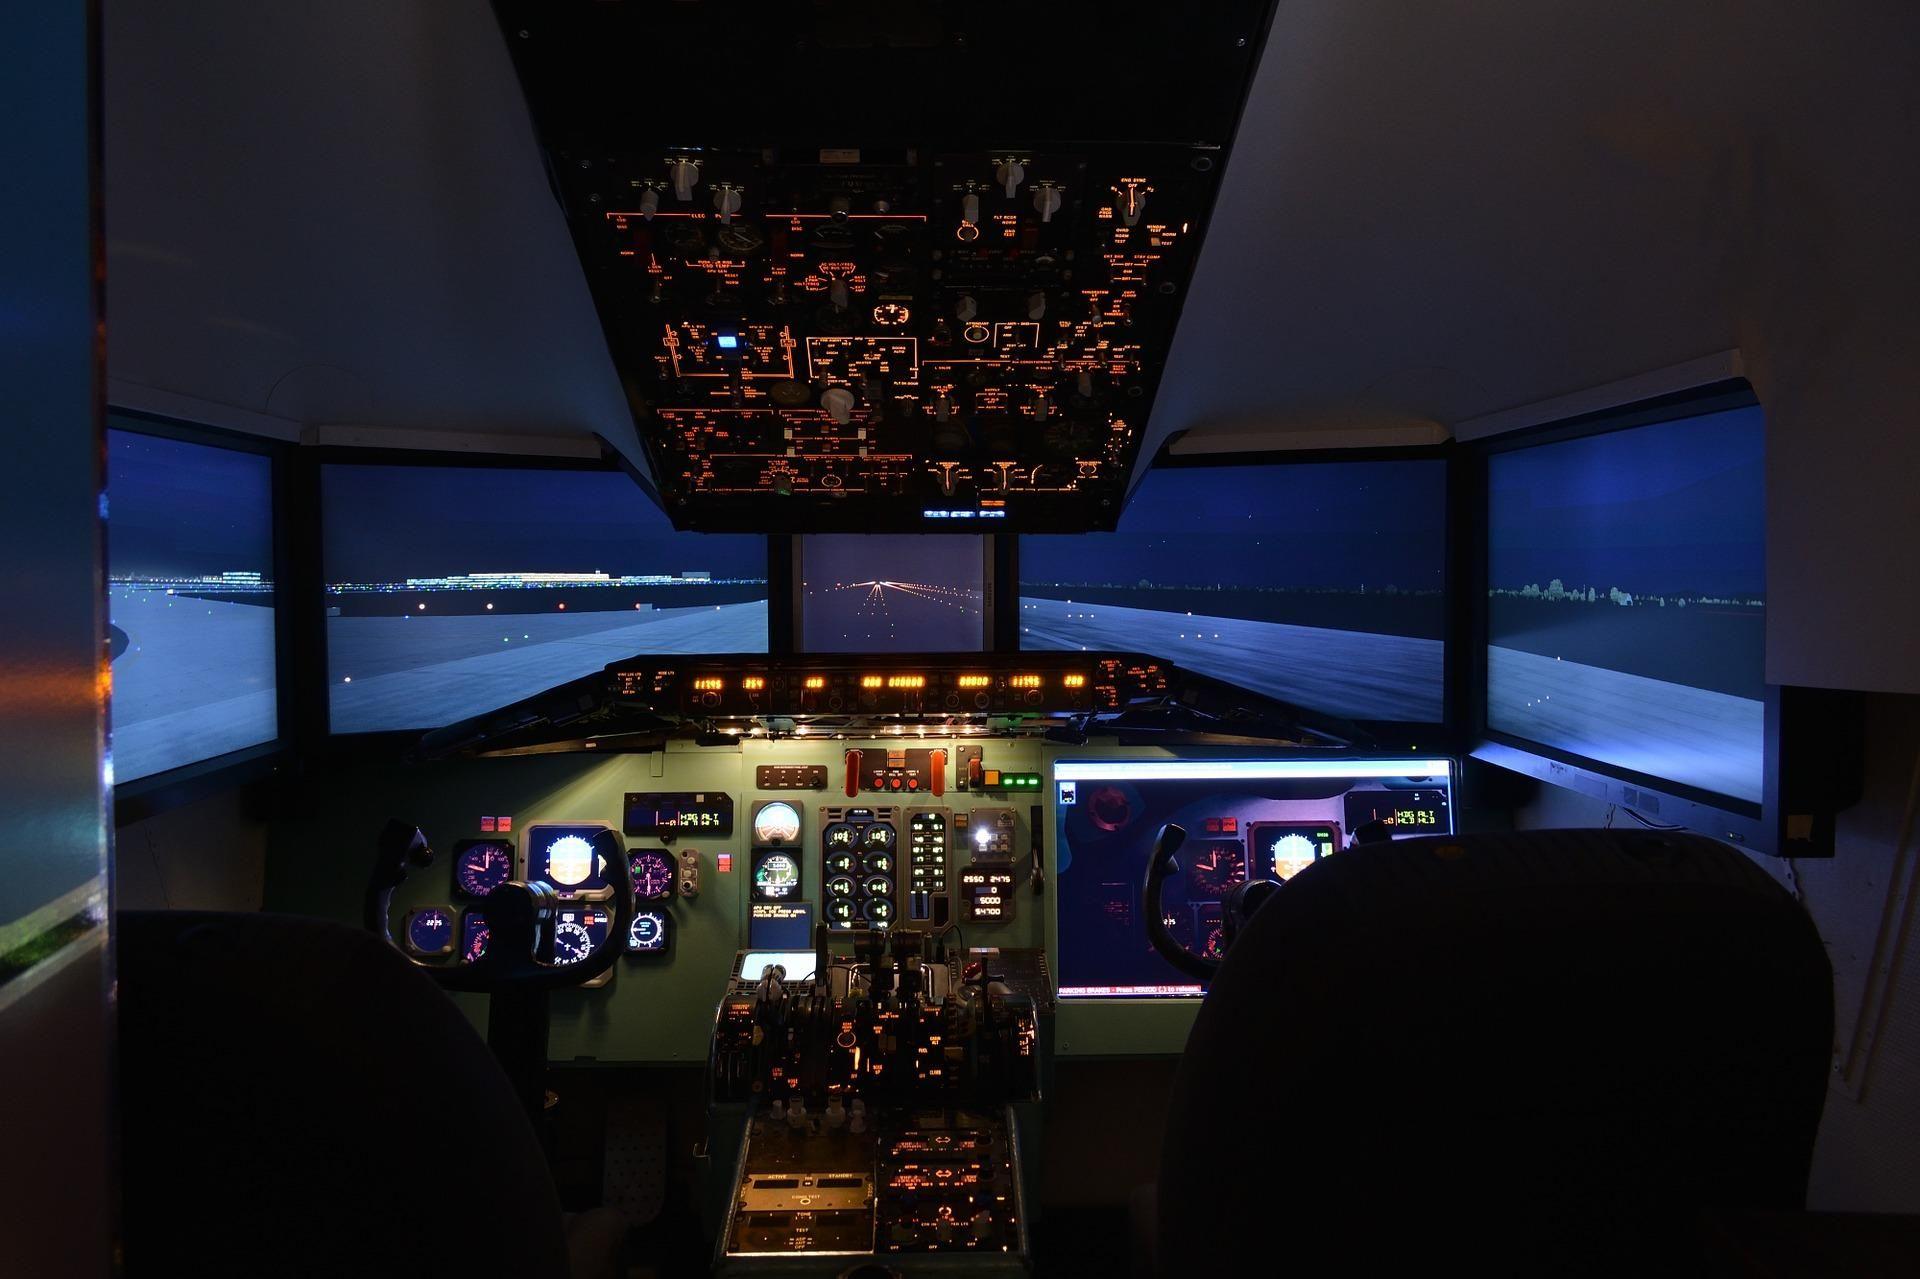 لعبة الطائرات ثلاثية الأبعاد العاب الطائرات السفر العاب طائرات سفر حقيقية من الداخل العاب طائرات سفر حقيقية للكبار تحميل العاب طائرات Simulateur De Vol Vol